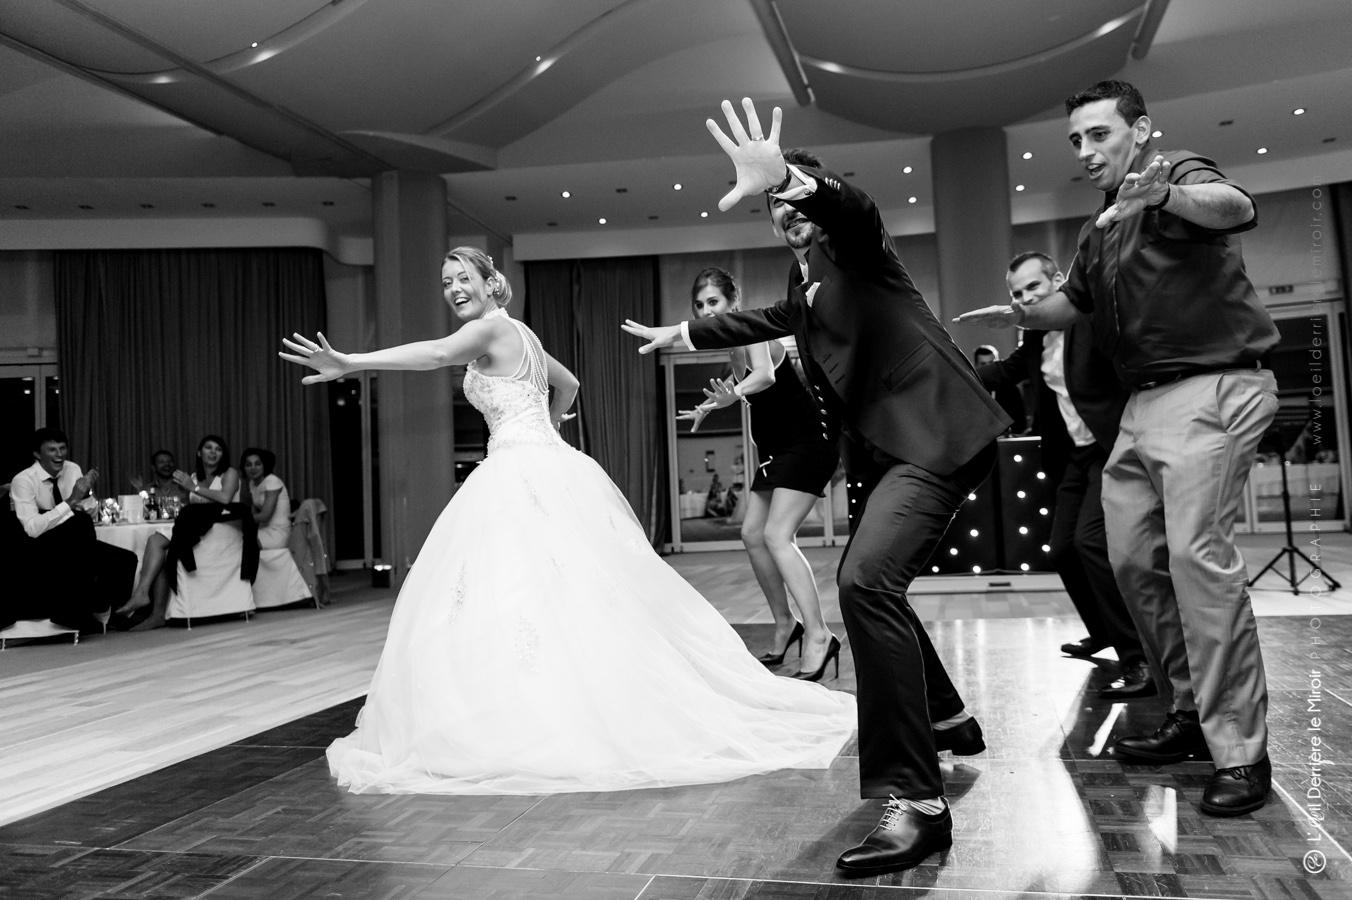 Photographe-mariage-monaco-loeilderrierelemiroir-091